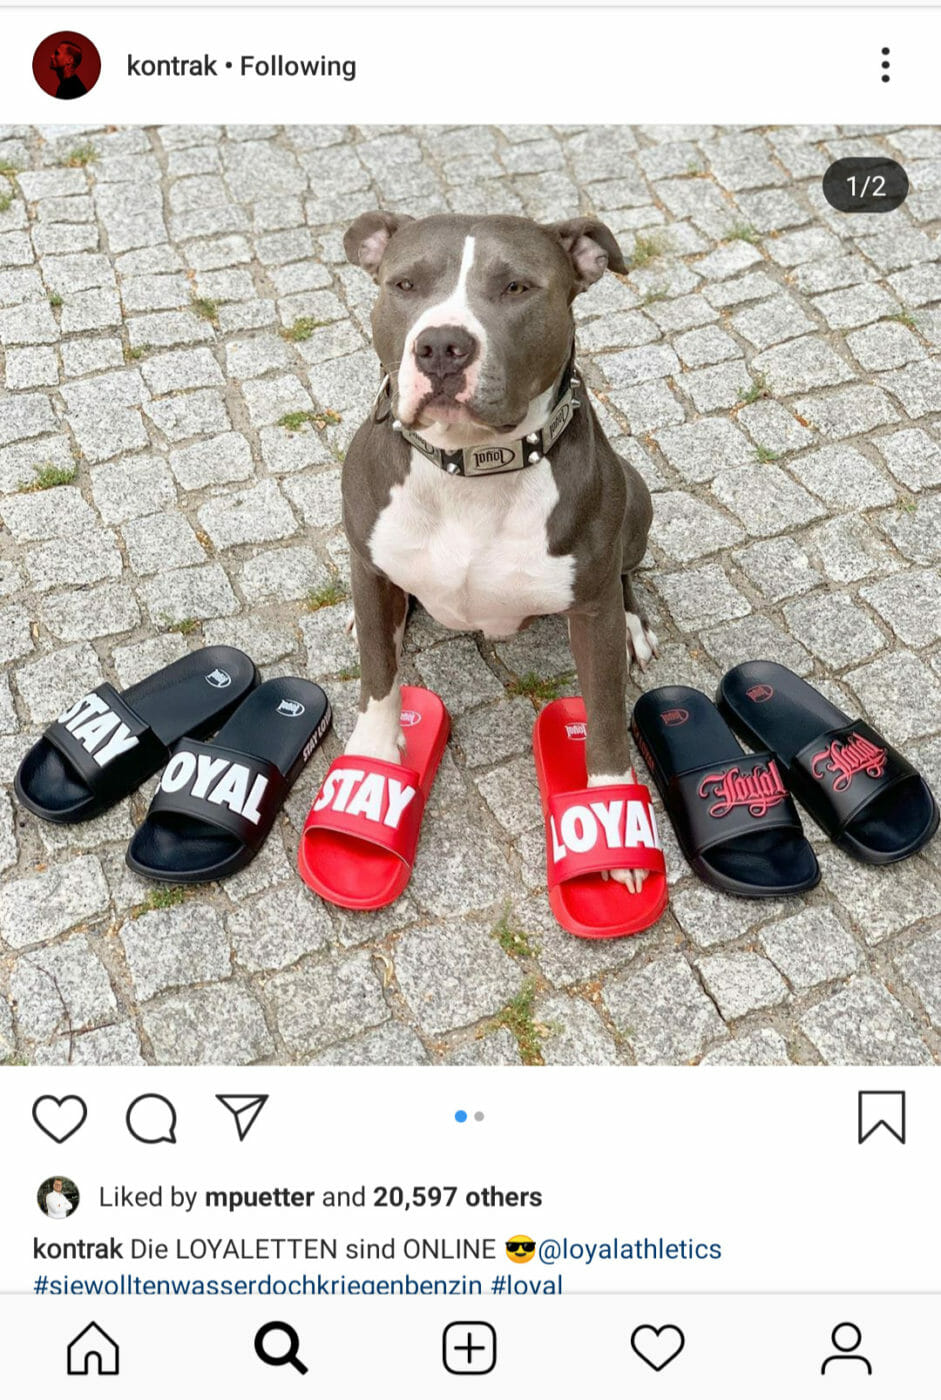 Loyaletten Drop Juli 2019 Kontra K